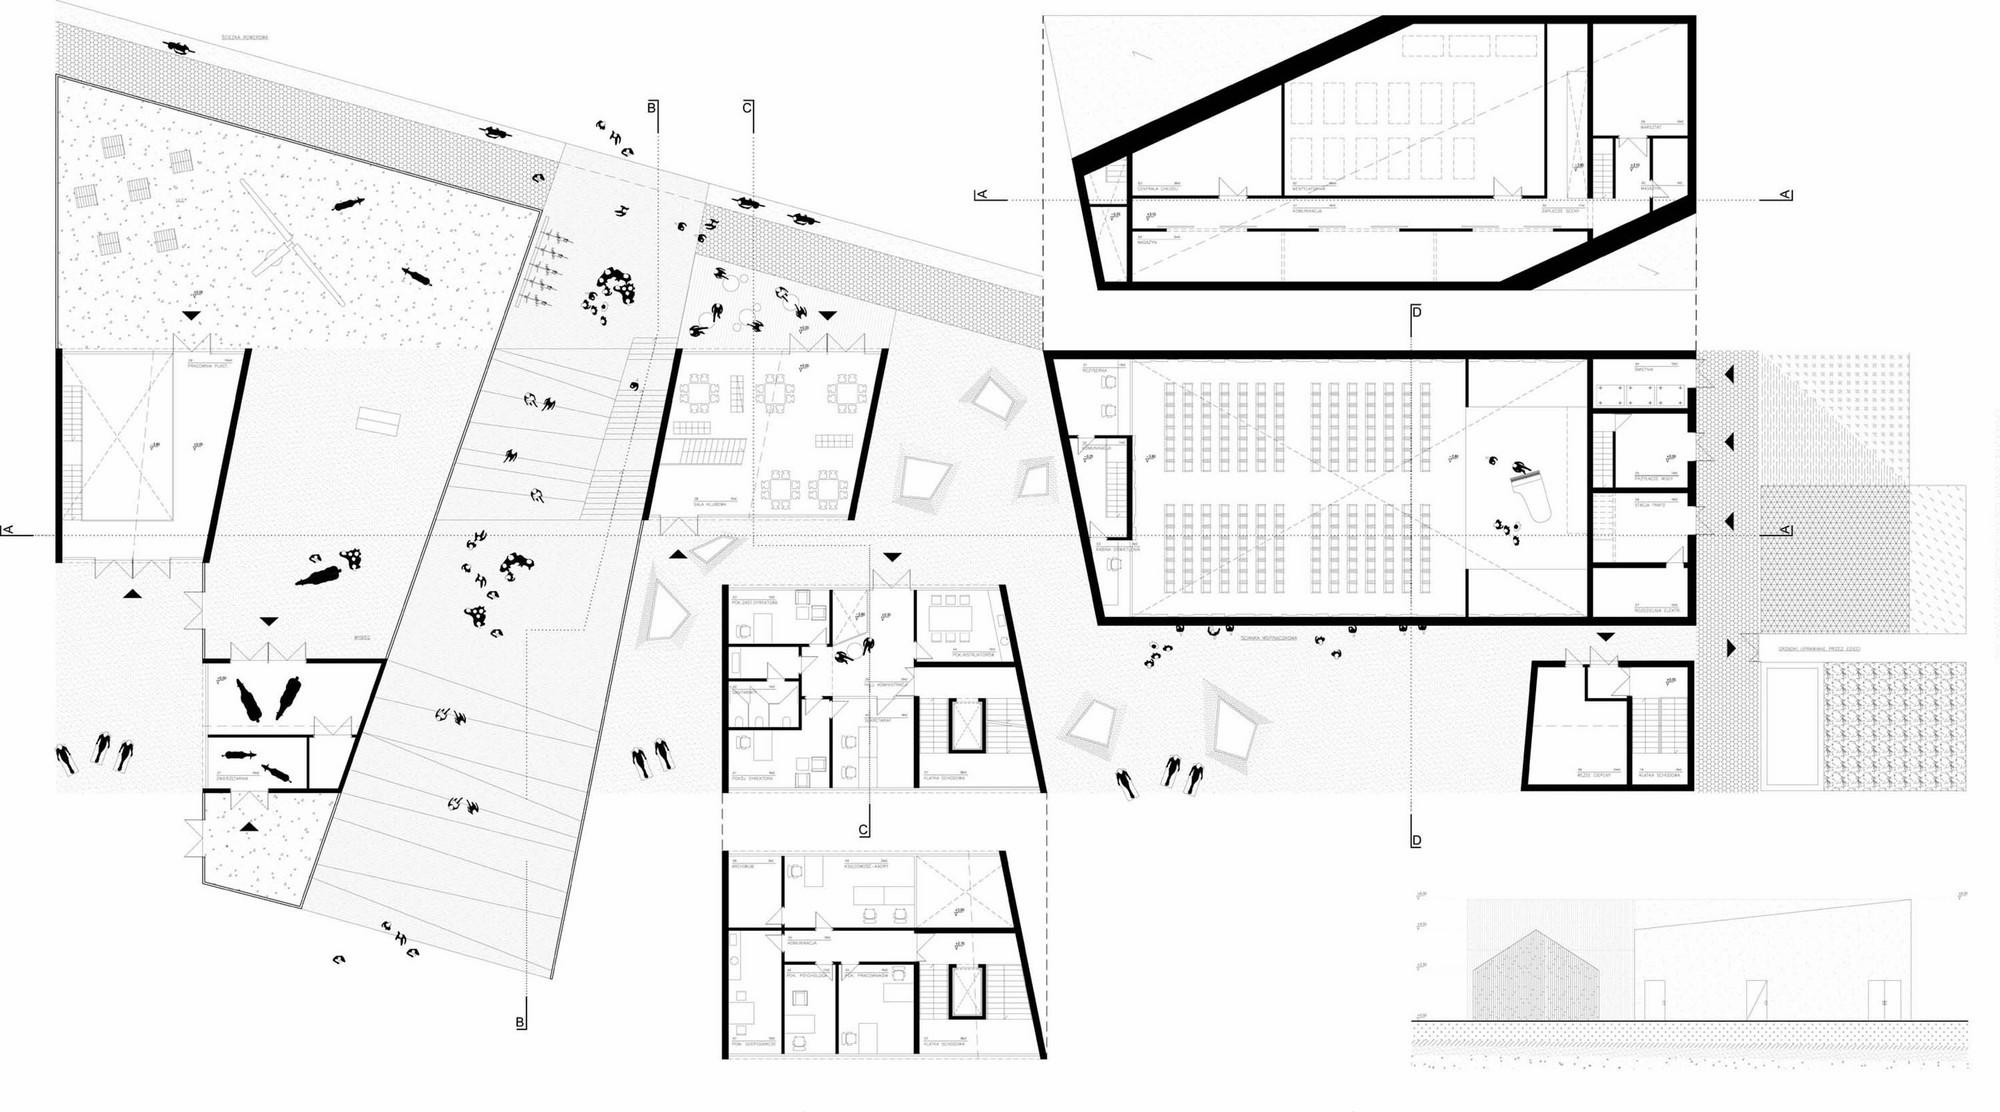 hight resolution of sluzewski culture centre wwaa 307kilo